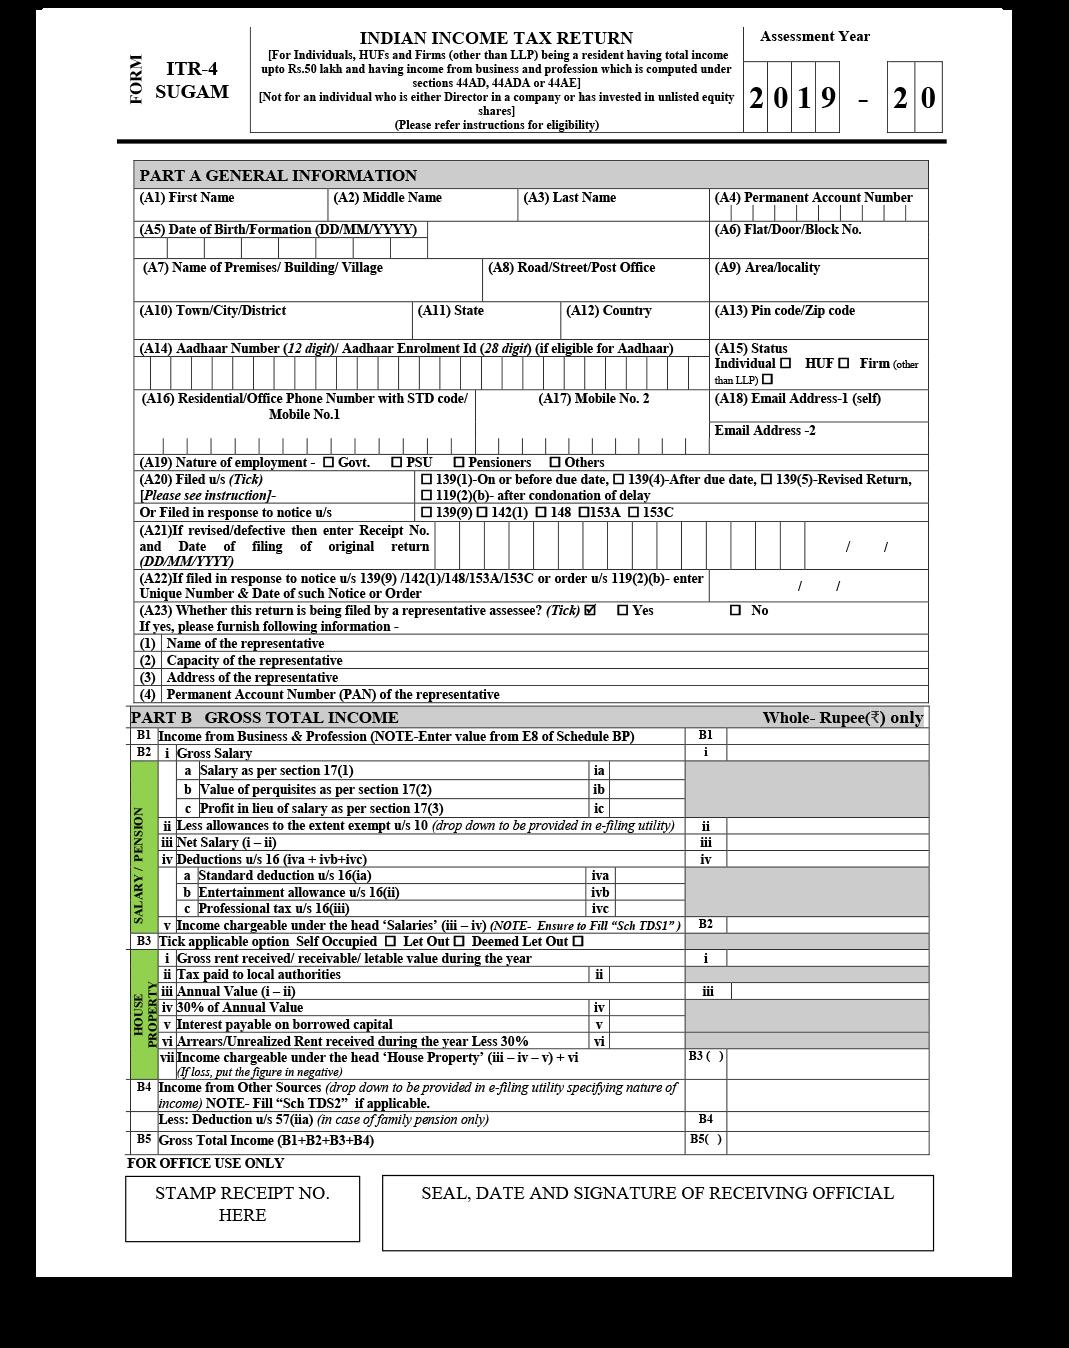 ITR 4 Form